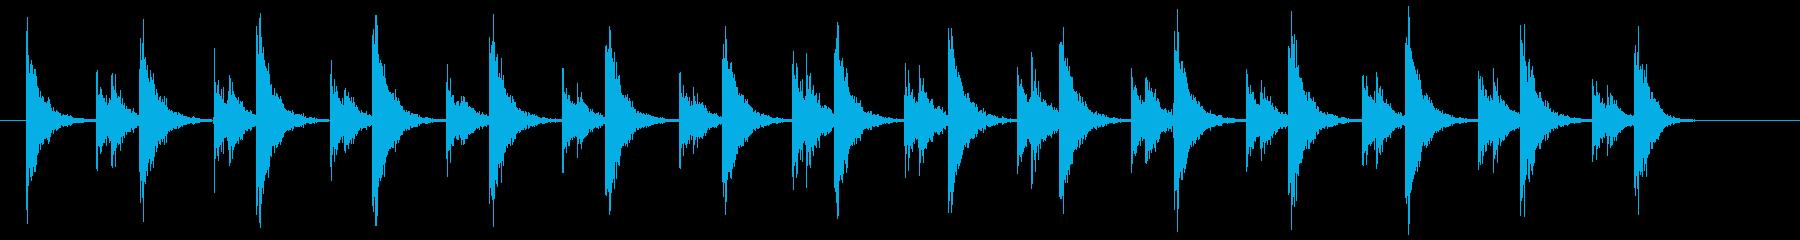 パーカッションドラムスローケーブ-...の再生済みの波形